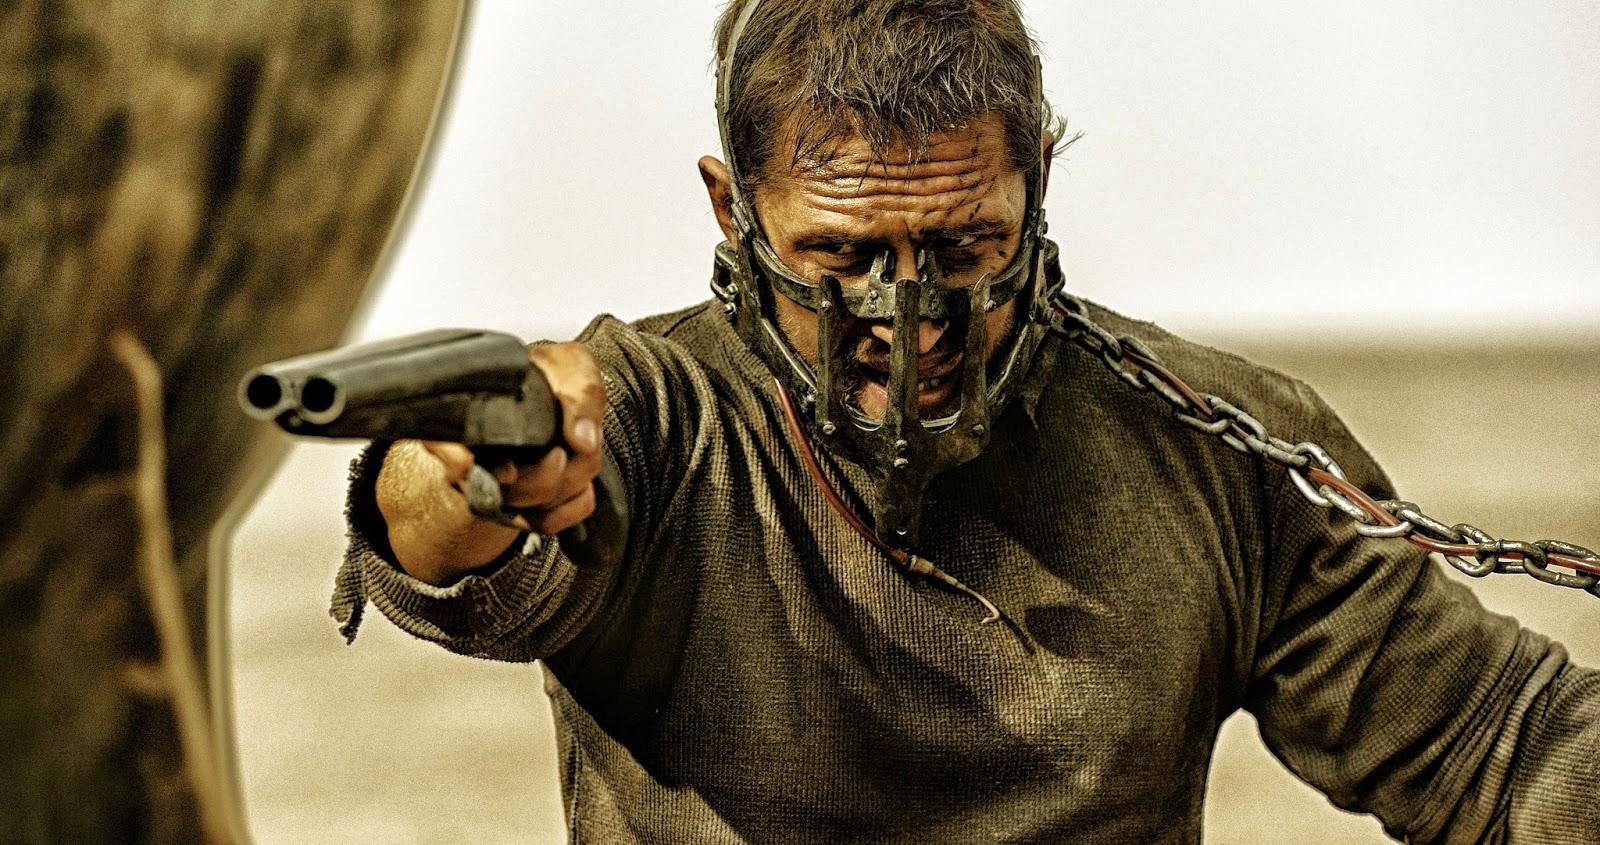 Cenas inéditas em featurette e clipes de Mad Max: Estrada da Fúria, com Charlize Theron e Tom Hardy